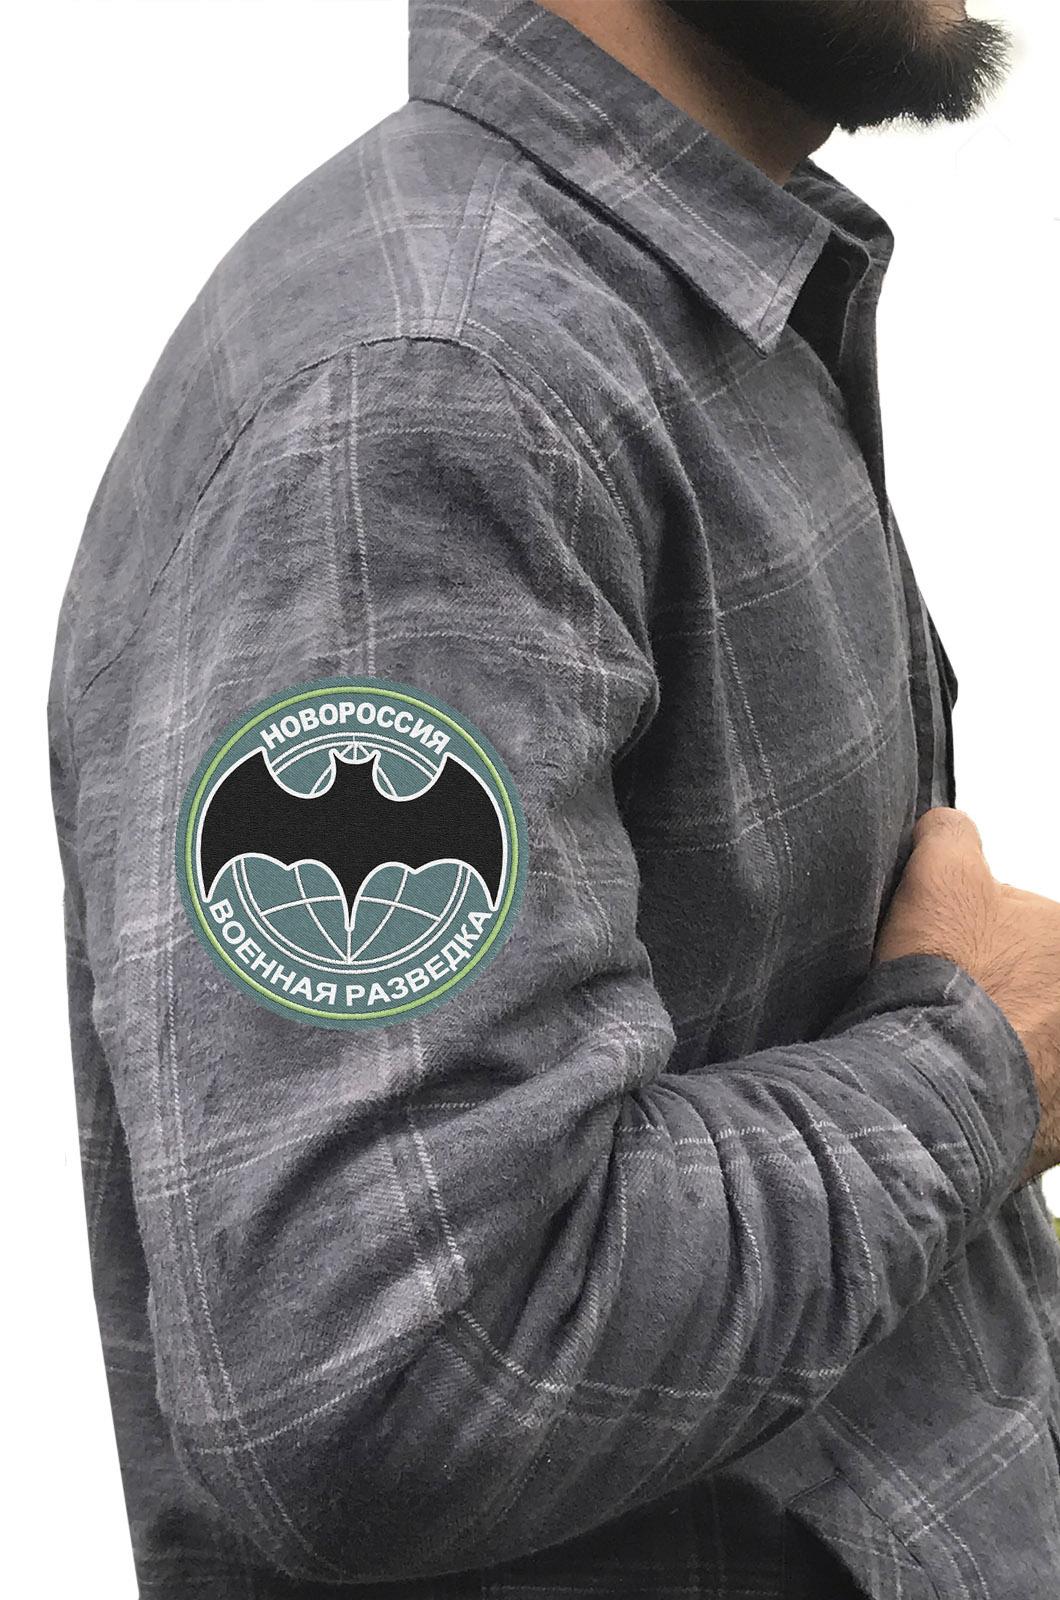 Мужская рубашка в нашивкой Военной разведки Новороссии купить в подарок